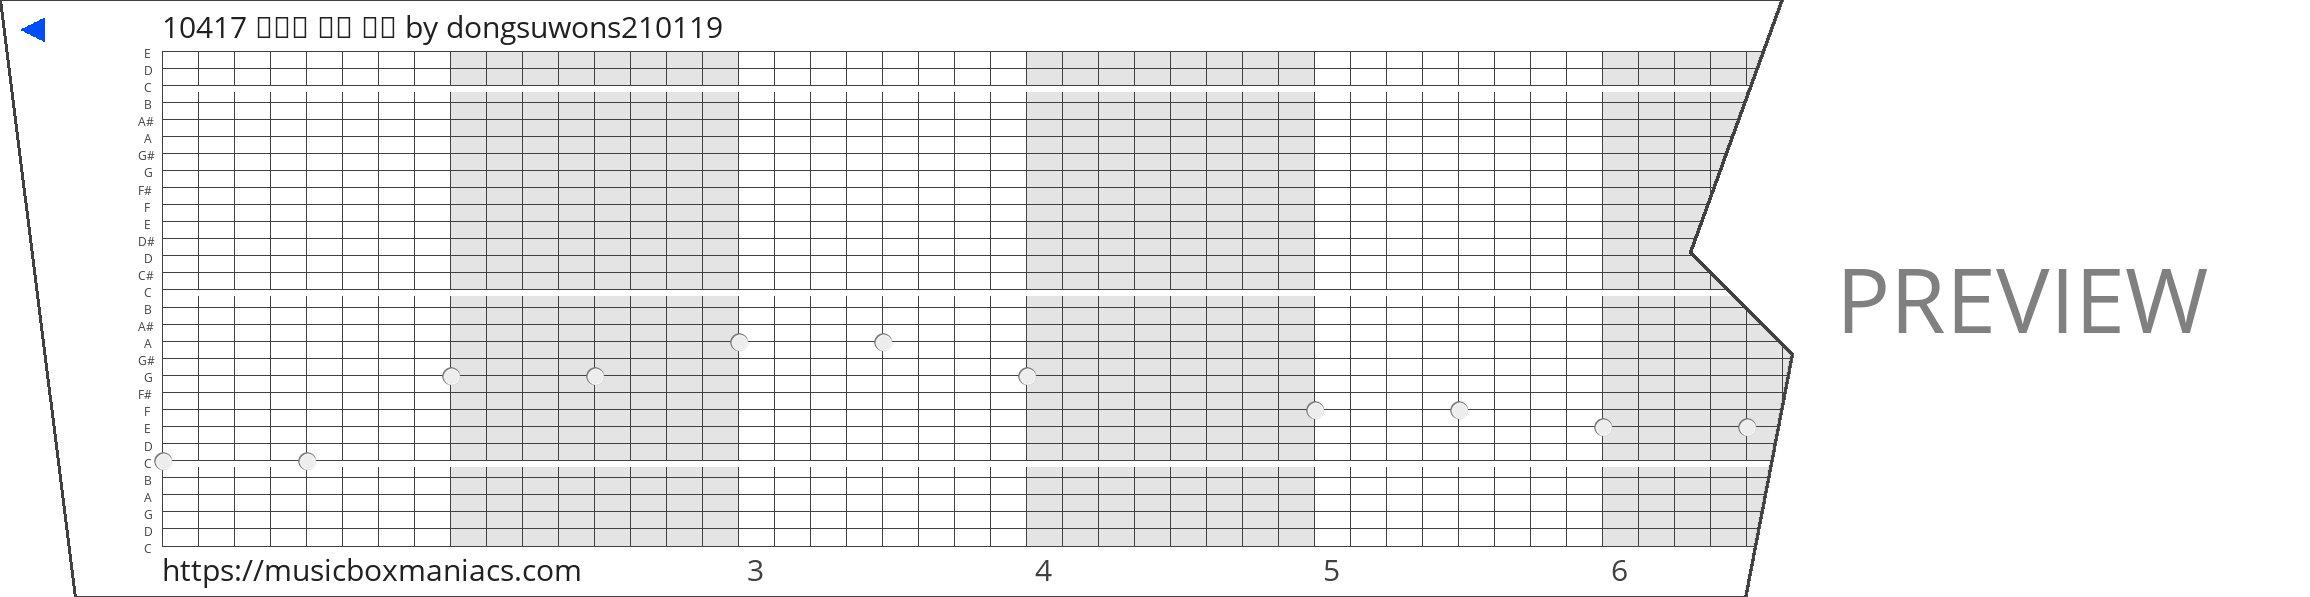 10417 김동현 음악 과제 30 note music box paper strip